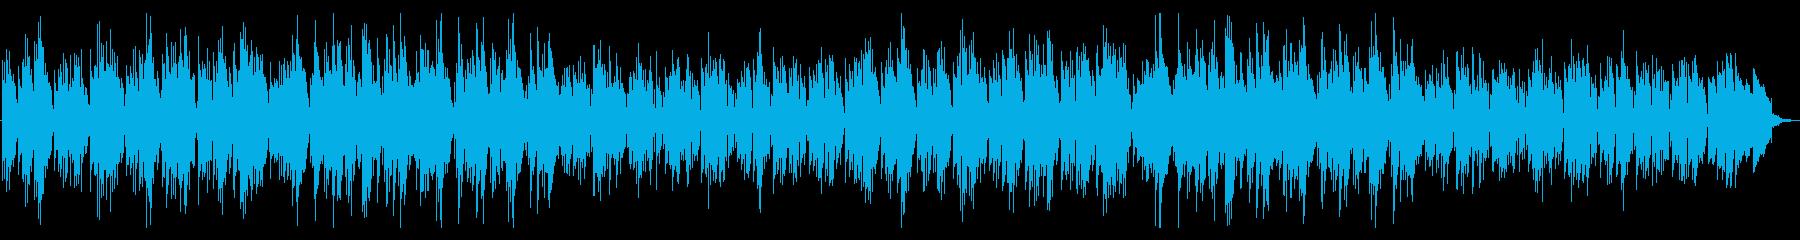 優雅なひととき_リミックスの再生済みの波形